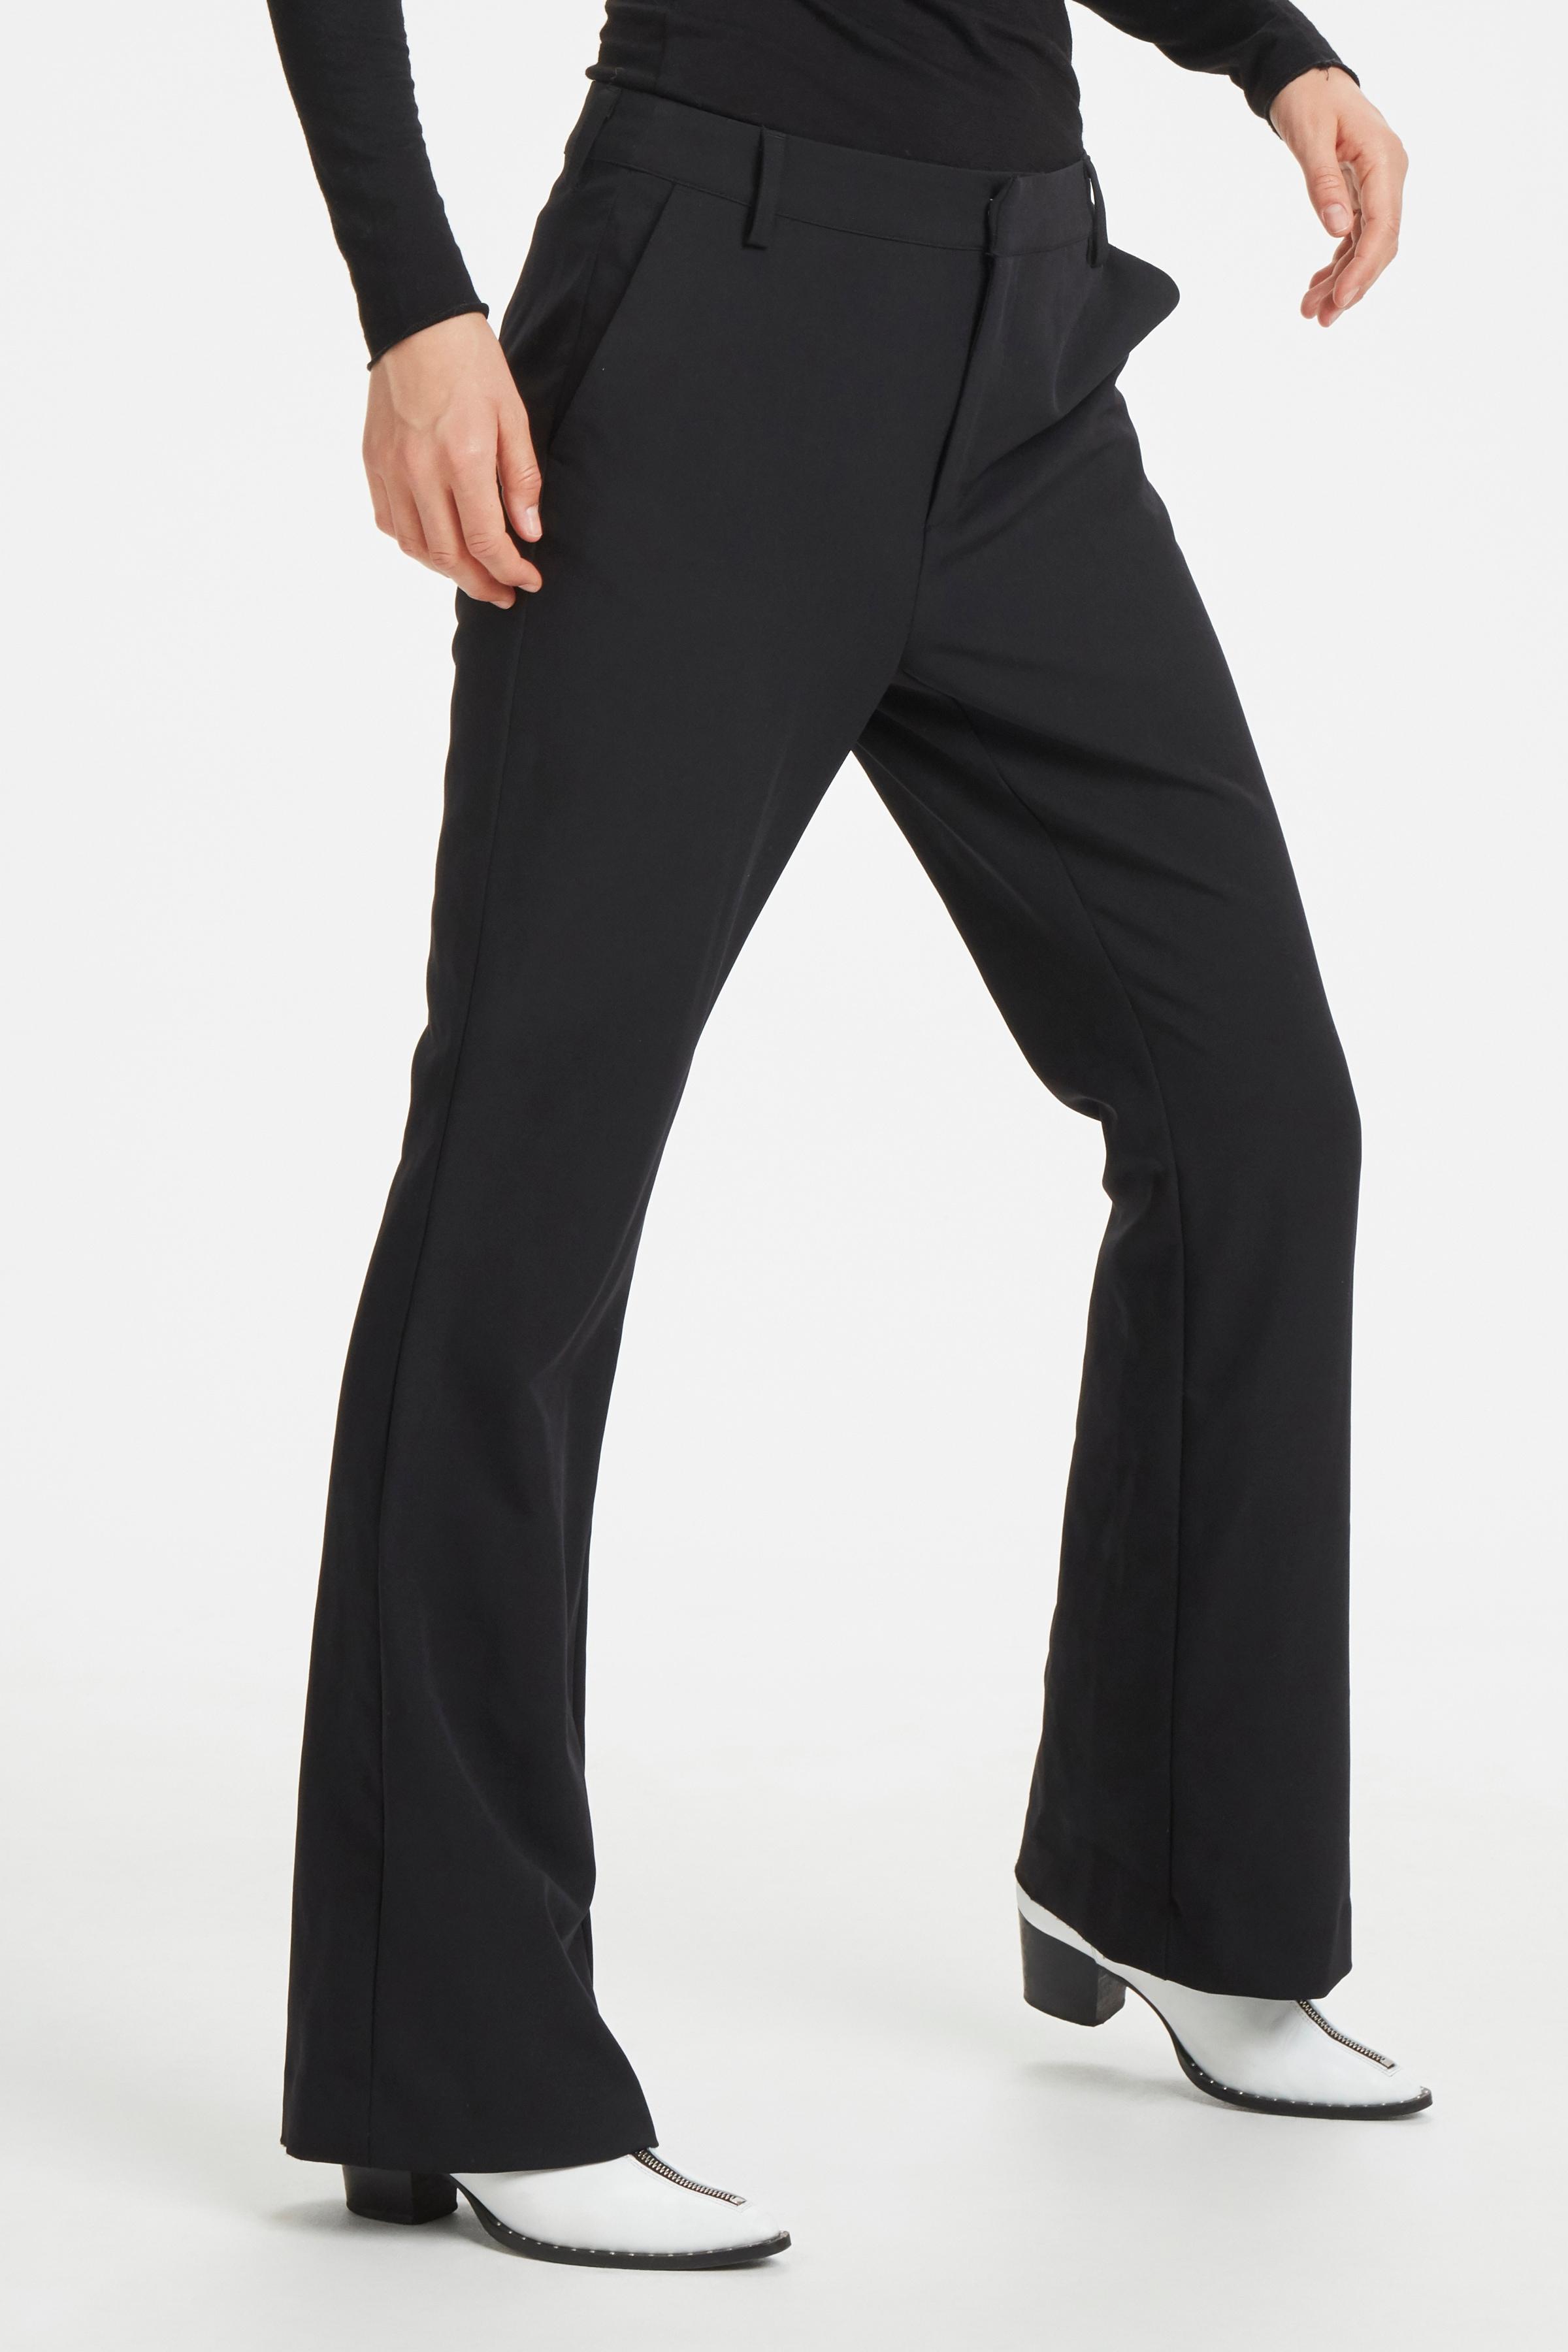 Denim Hunter Anzughose 14 THE BLACK FLARED | Bekleidung > Hosen > Anzughosen | Denim Hunter